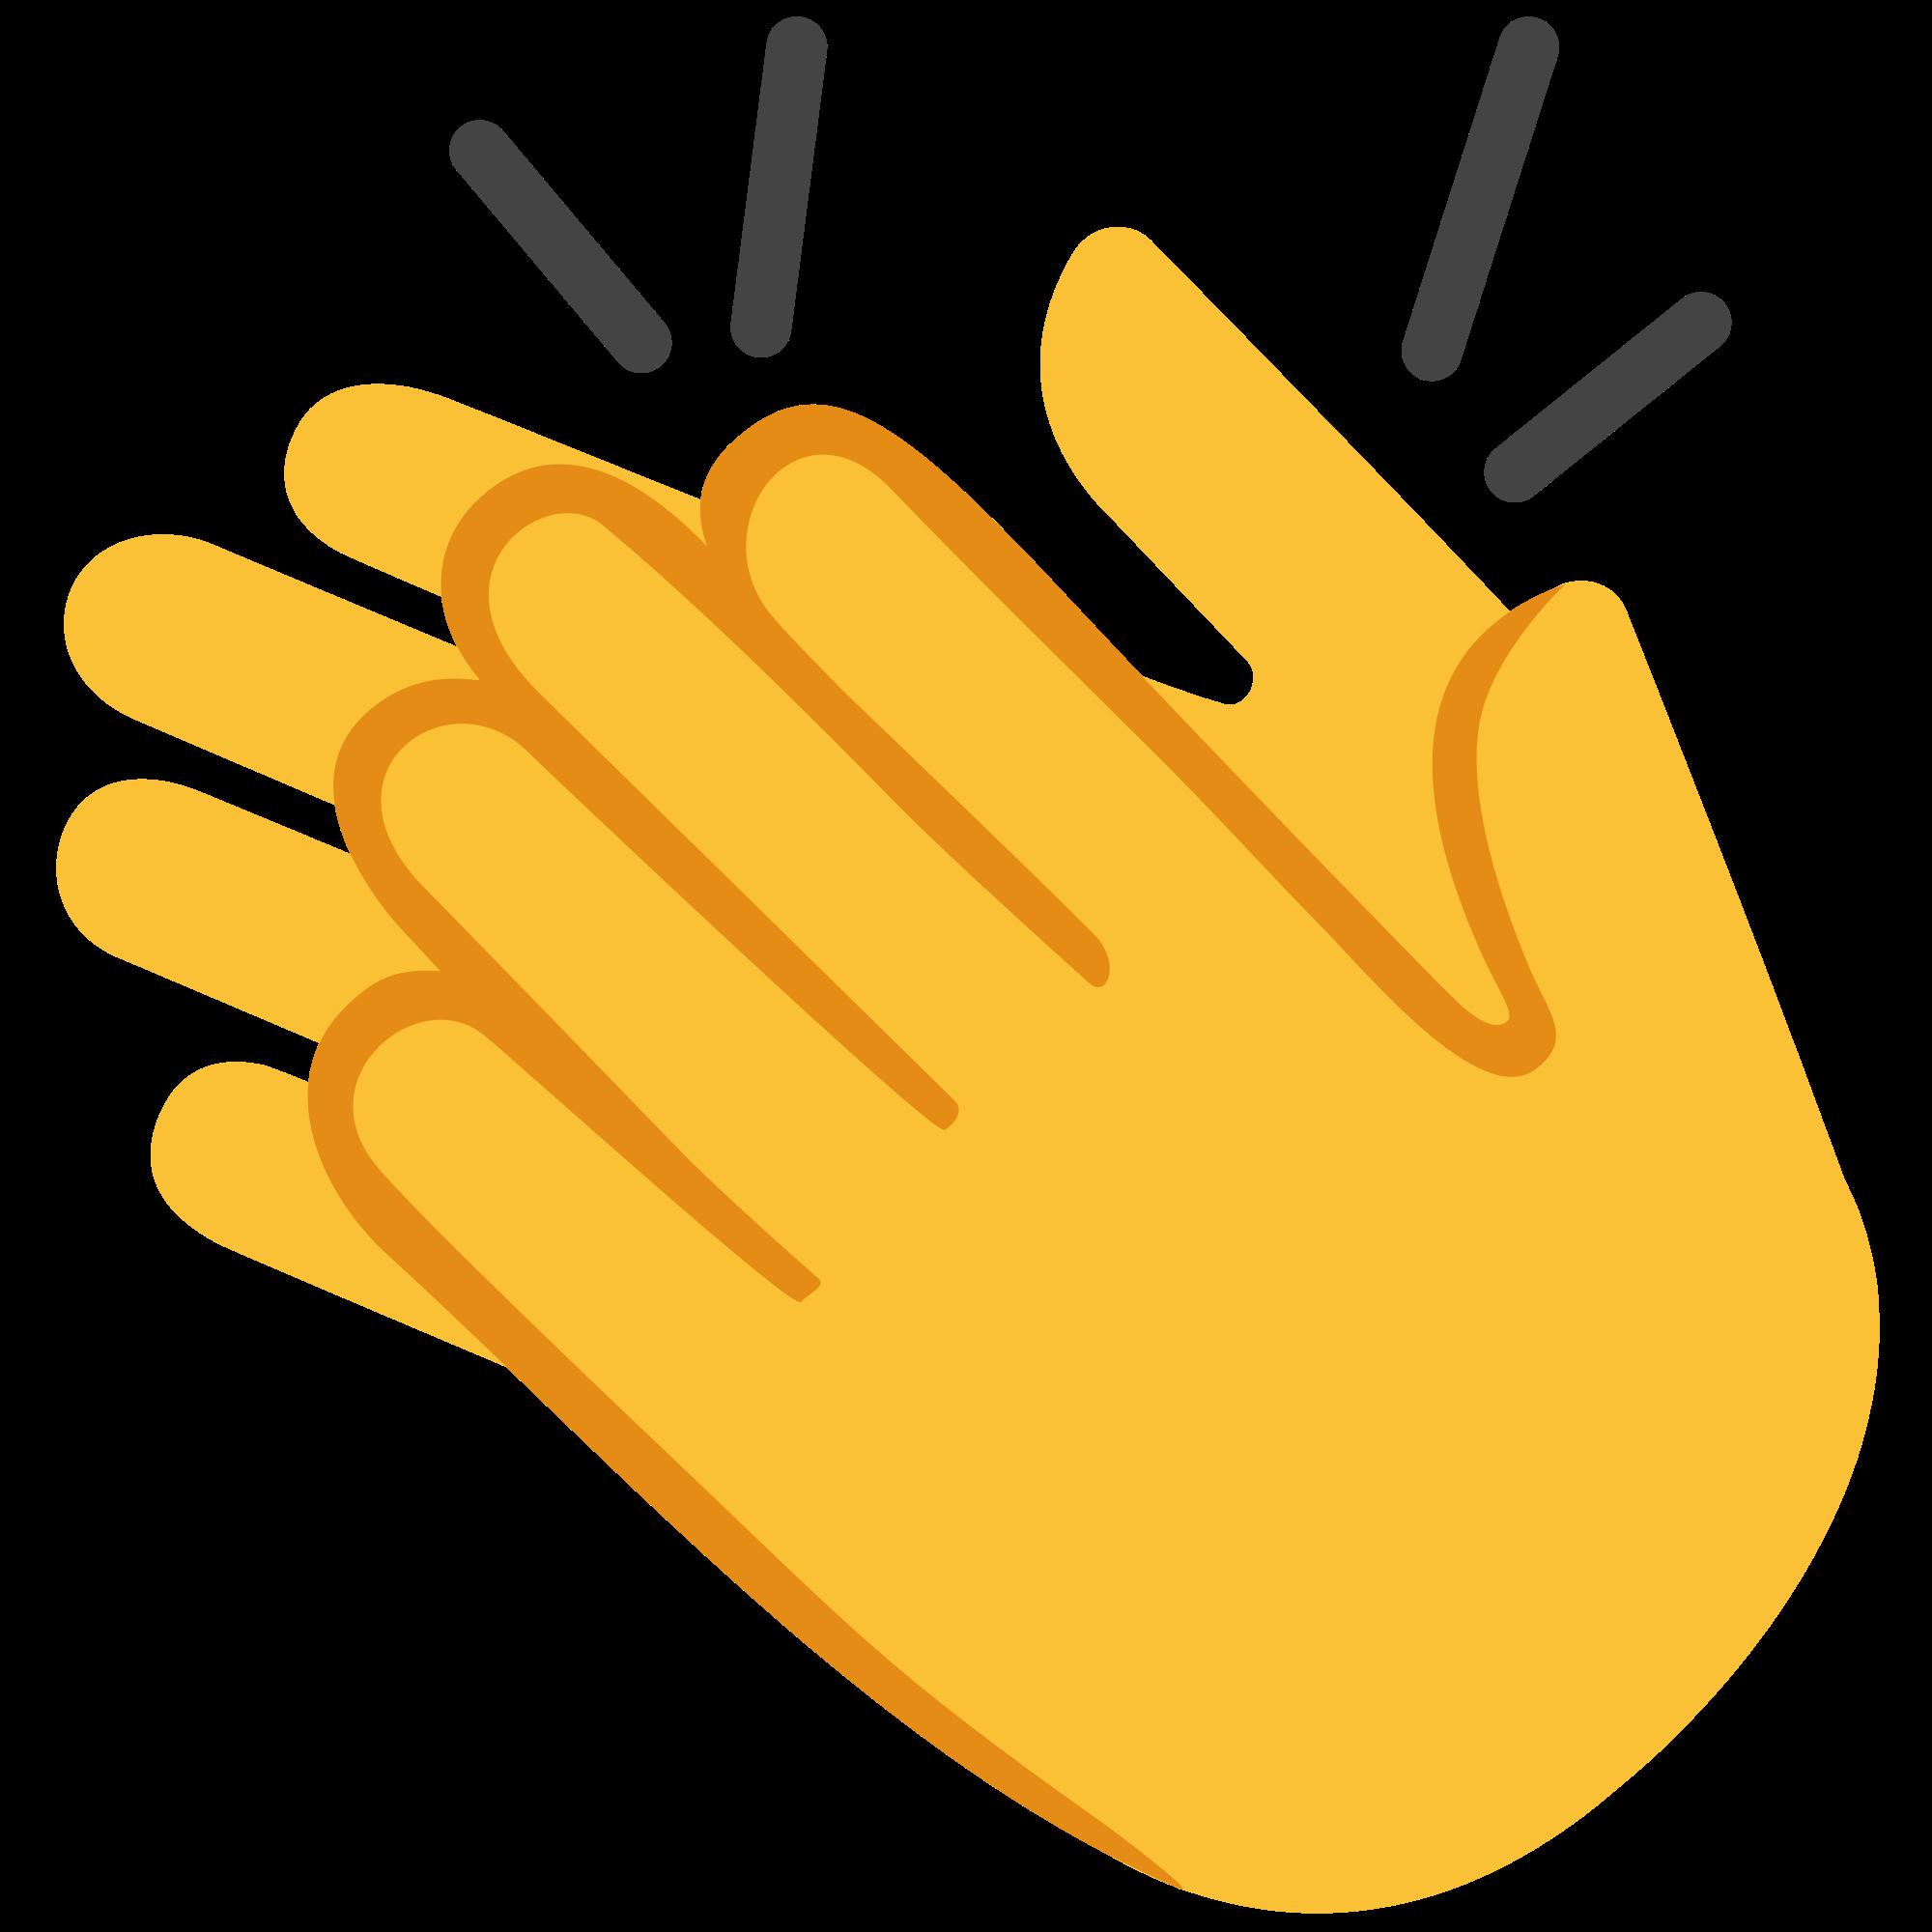 Gloves clipart svg. File emoji u f